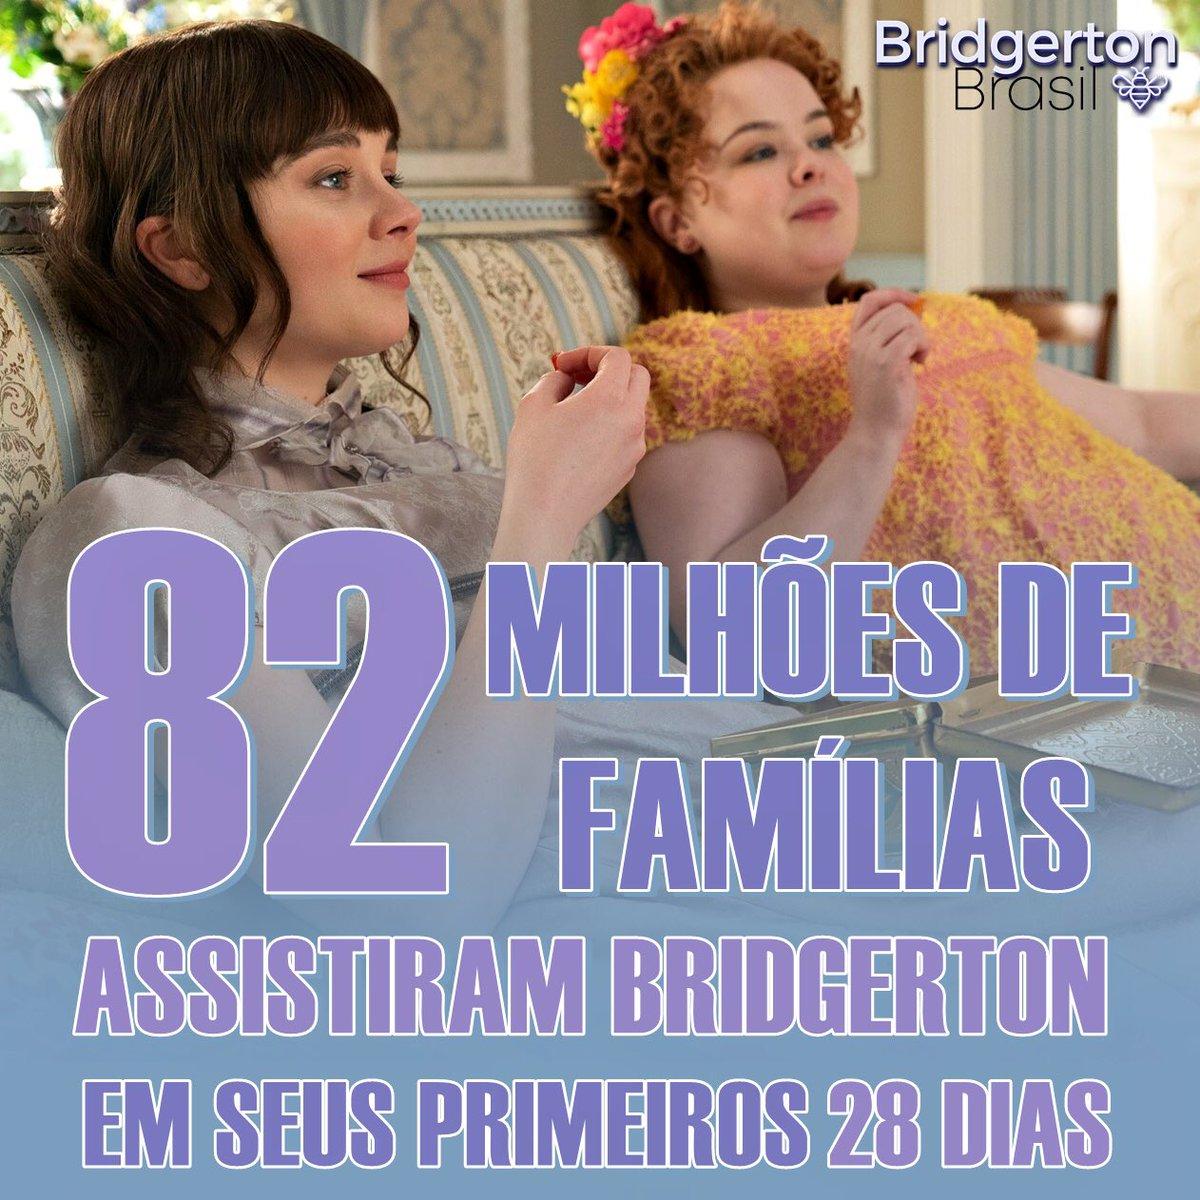 Bridgerton atingiu a marca de 82 milhões de espectadores com menos de um mês de lançamento. É poder que falar, né?